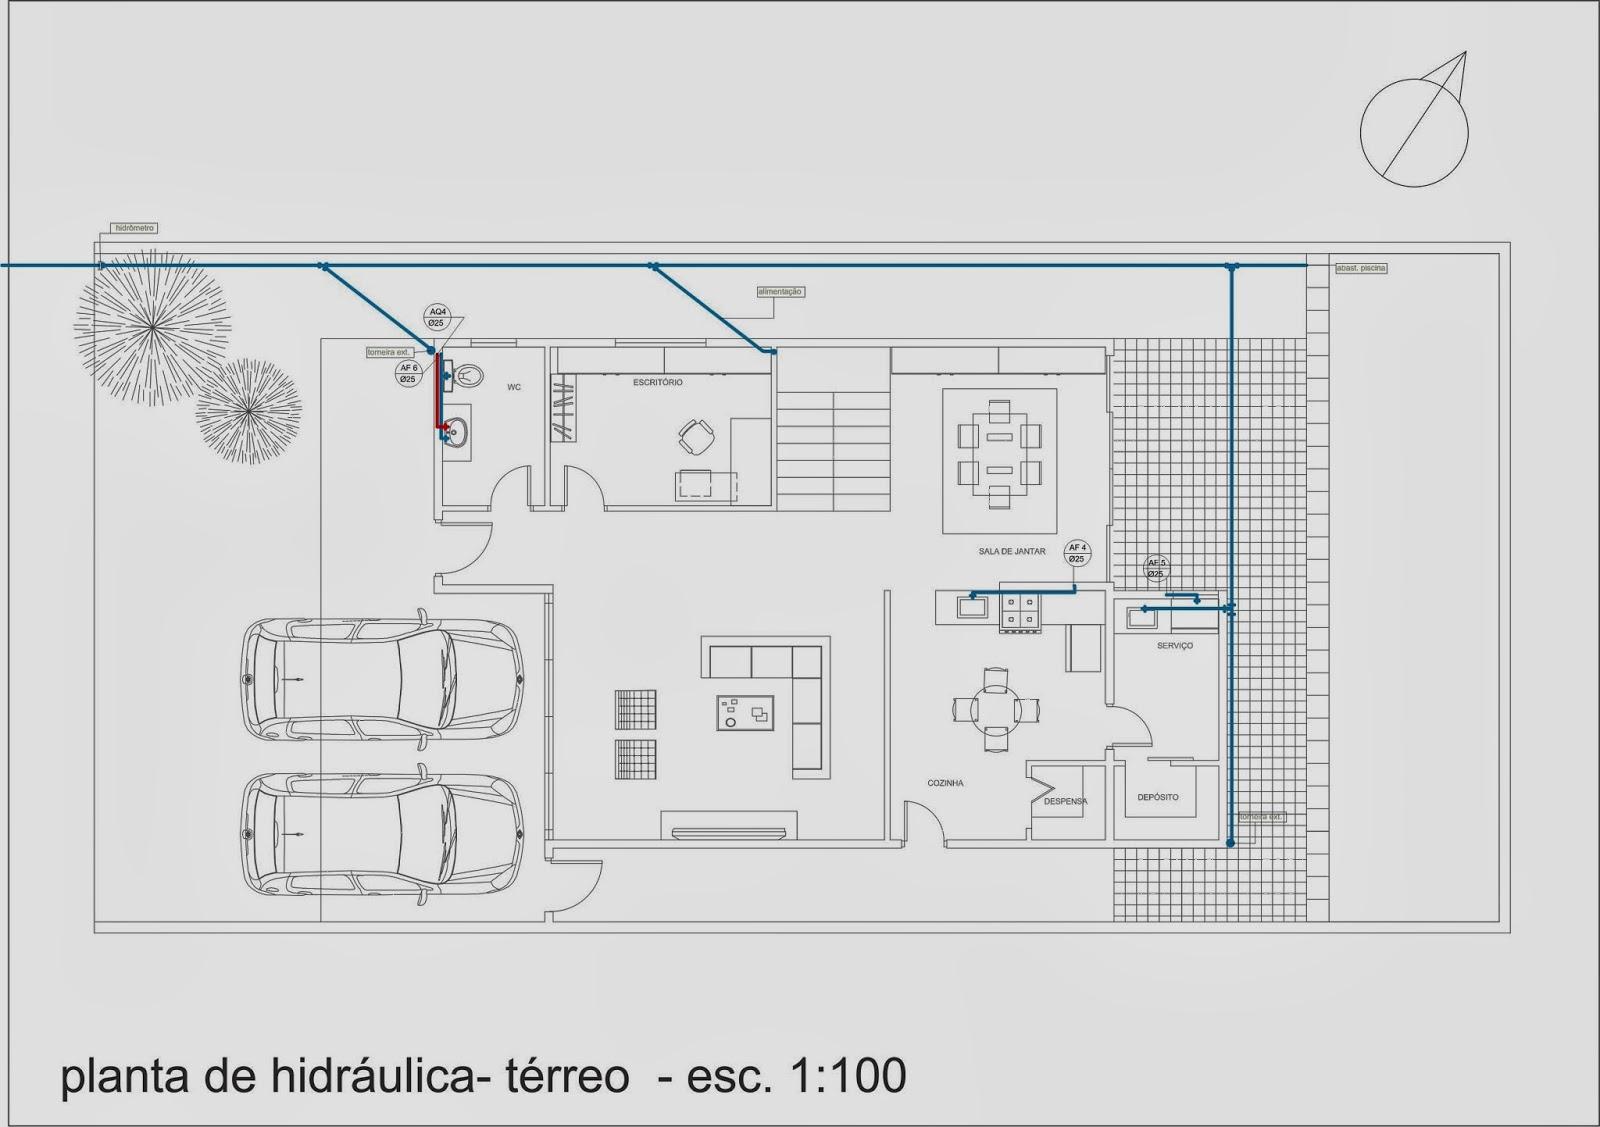 Pellegrino : Projeto de instalações hidráulicas para residência #244563 1600 1127